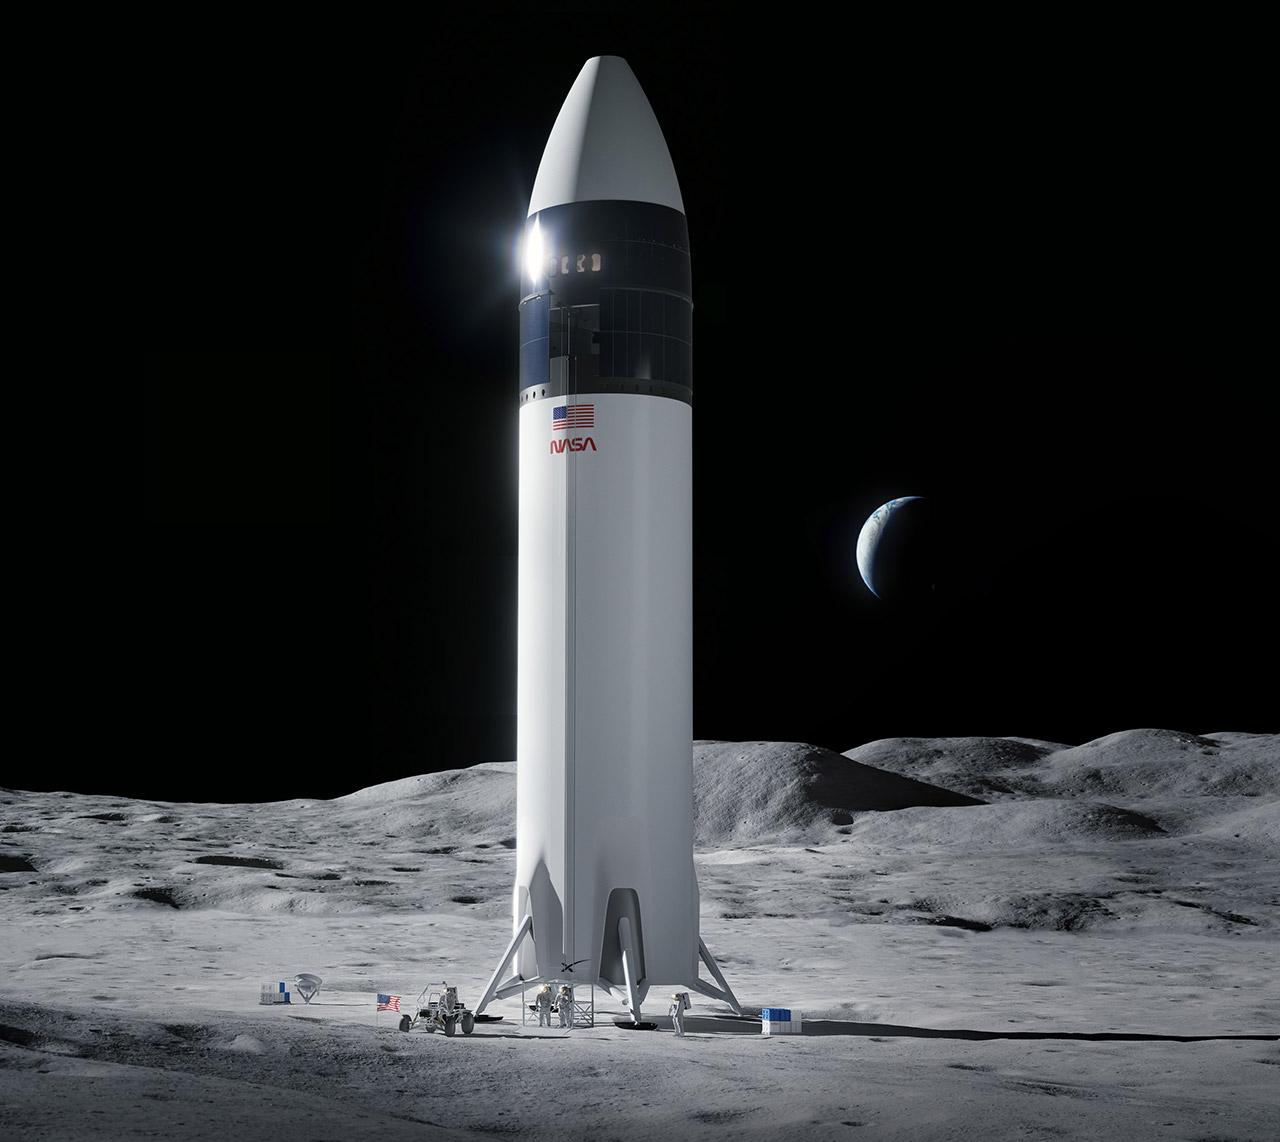 NASA SpaceX Lunar Lander Artemis Moon